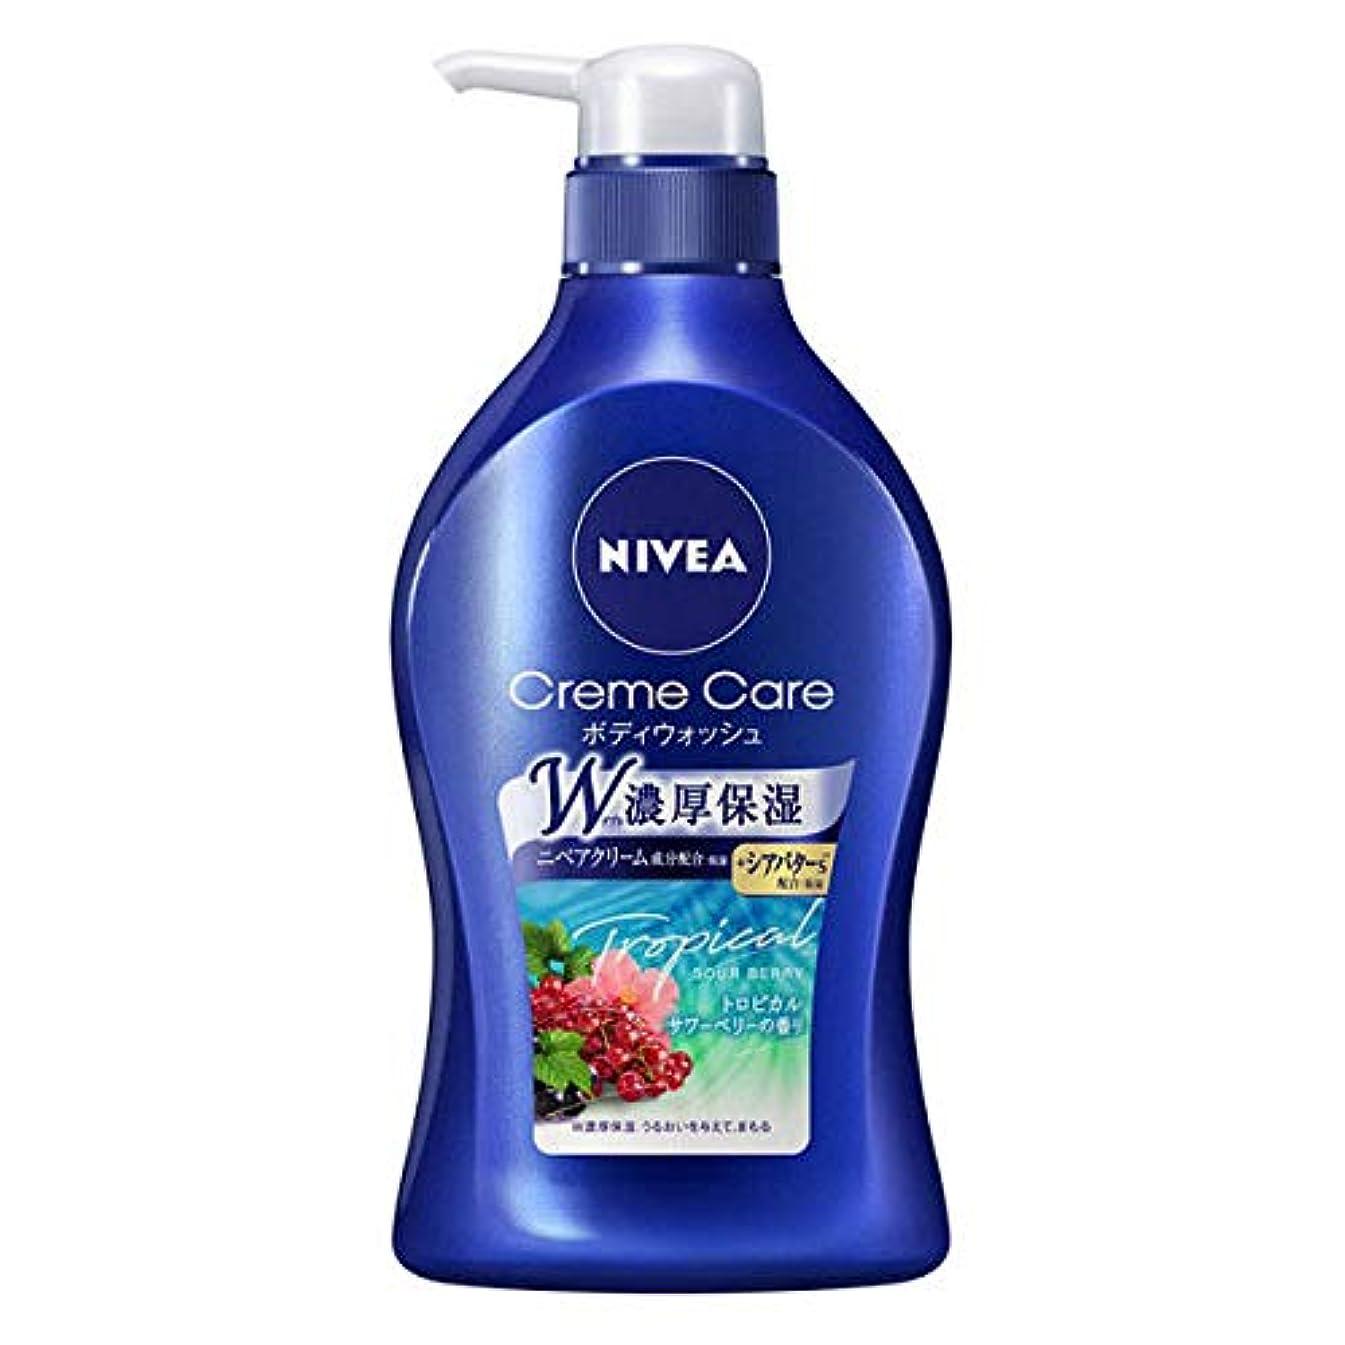 ジュースペイントオズワルドニベア クリームケア ボディウォッシュ トロピカルサワーベリーの香り ポンプ 480ml 花王